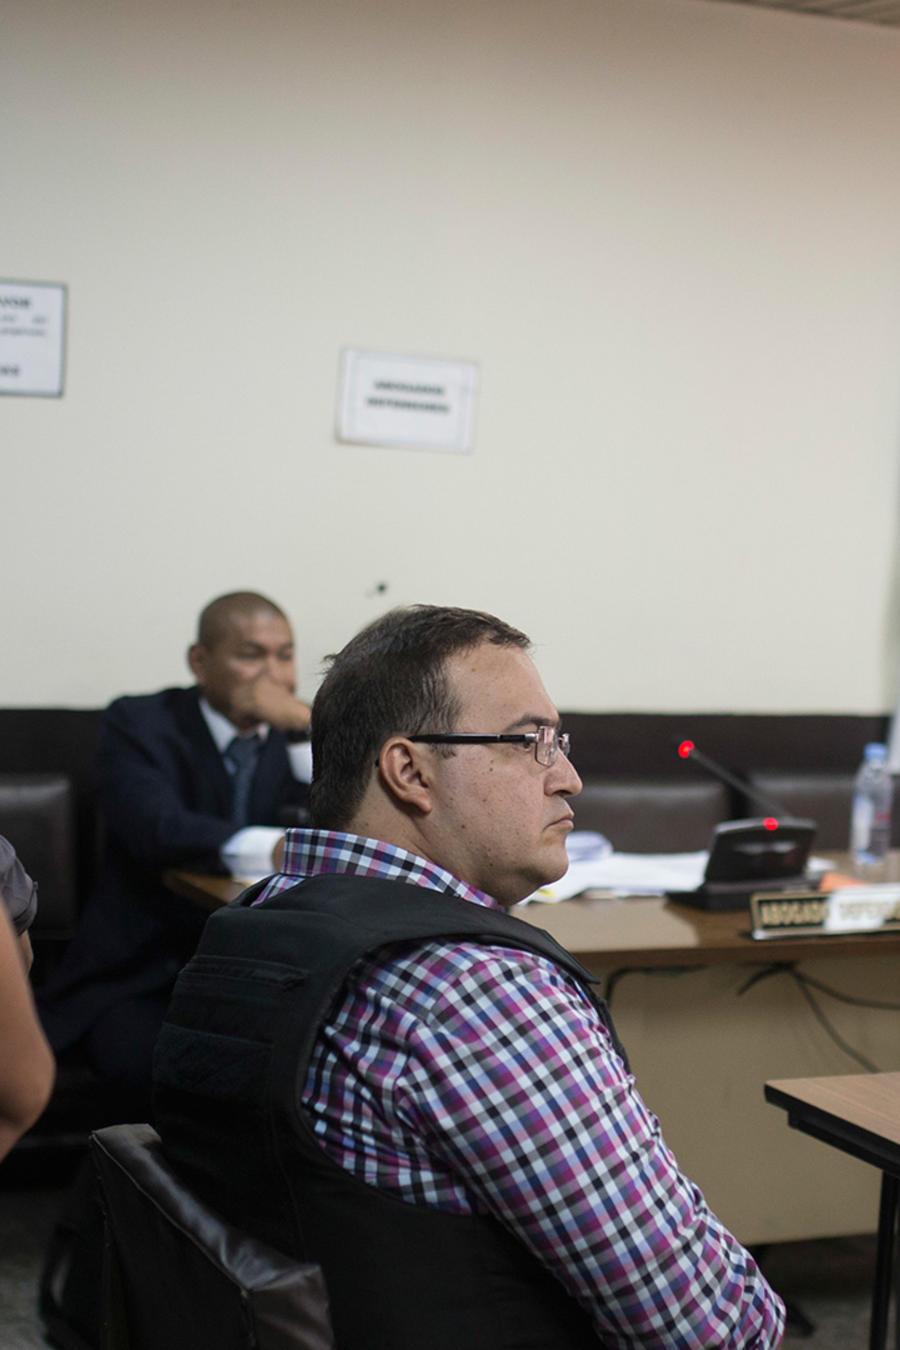 El exgobernador del estado mexicano de Veracruz, Javier Duarte, en audiencia ante el juez que sigue su proceso de extradición a México en la ciudad de Guatemala, el miércoles 19 de abril de 2017.